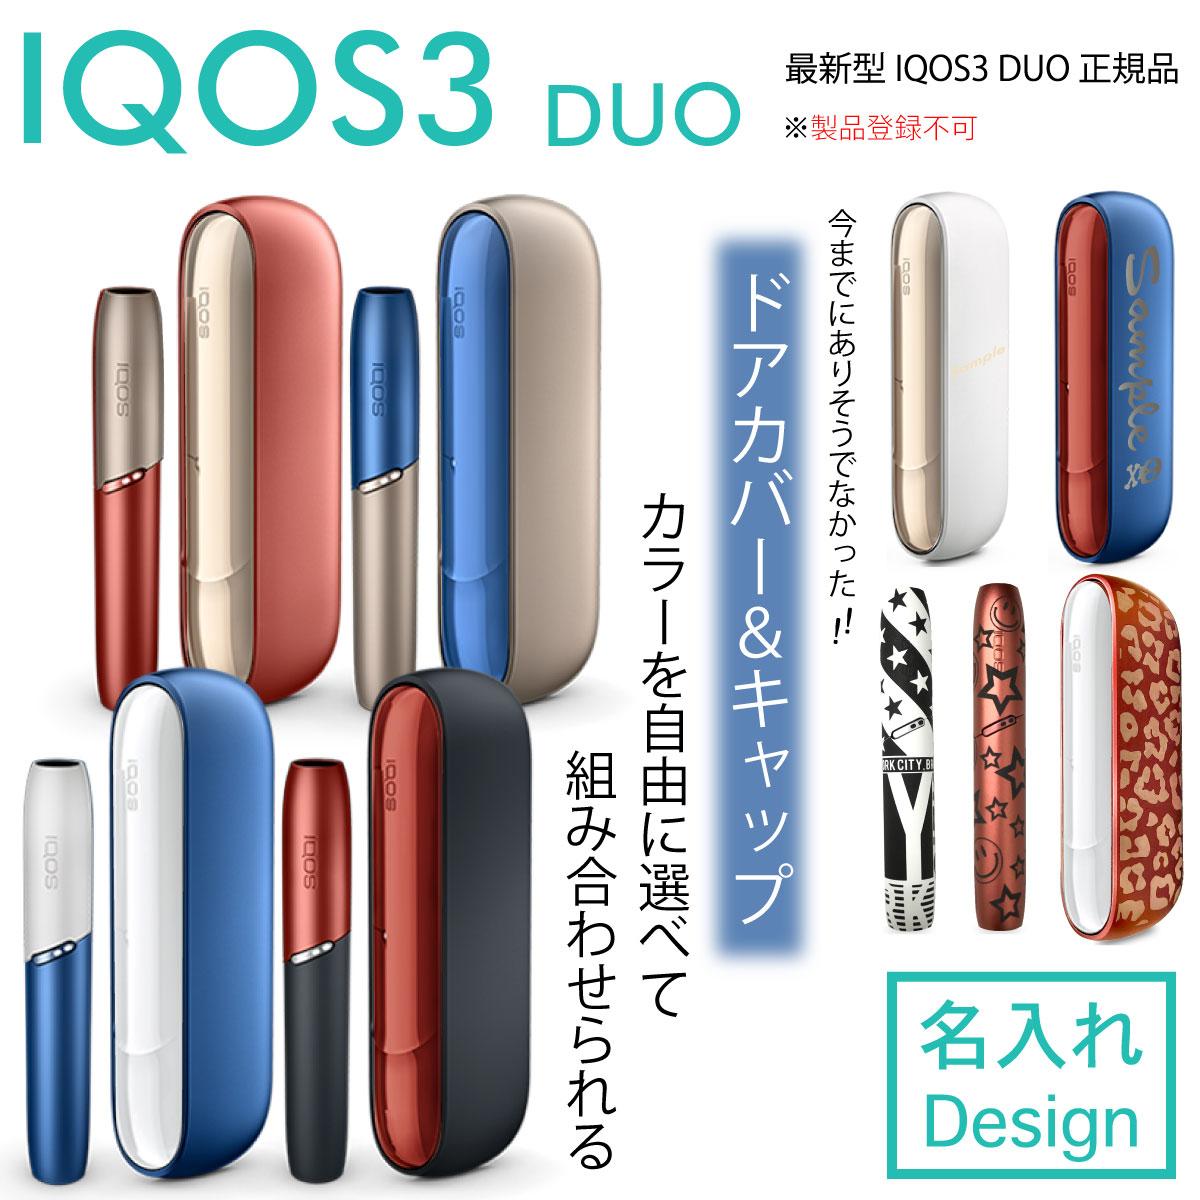 アイコス3 duo 【国内正規品】 名入れ 最新型 iQOS3DUO iqos3duo iQOS3 DUO iqos3 本体 アイコスデュオ 本体 新型アイコス アイコス たばこ アイコス iQOS 3 DUO duo アイコス3 電子タバコ 加熱式タバコ ケース おしゃれ かわいい  あす楽対応 ゆうパック 人気